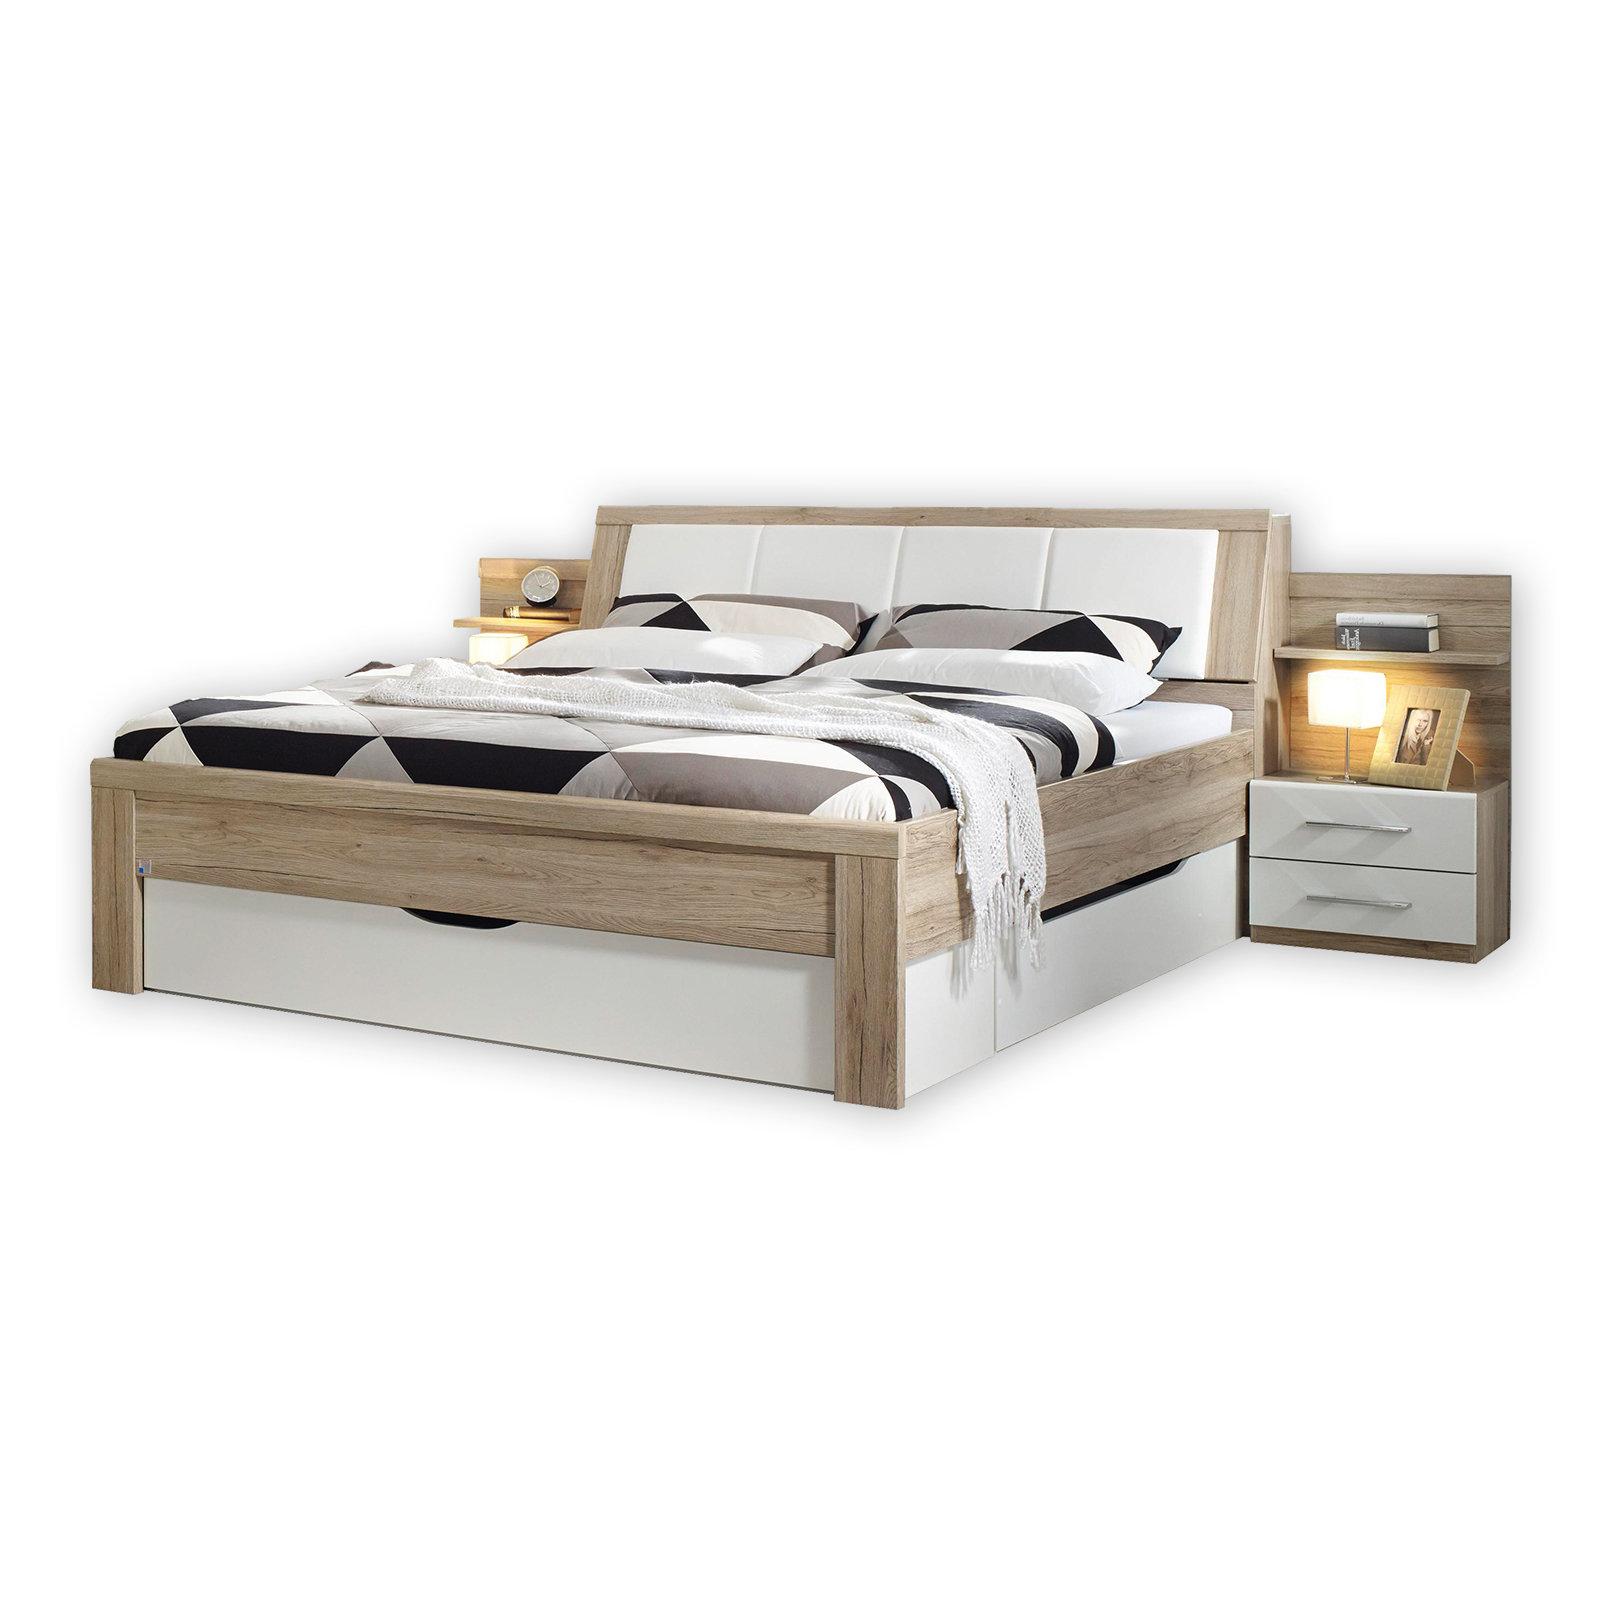 Bett San Remo Eiche Mit Nachttischen Und Staukasten 180x200 Cm